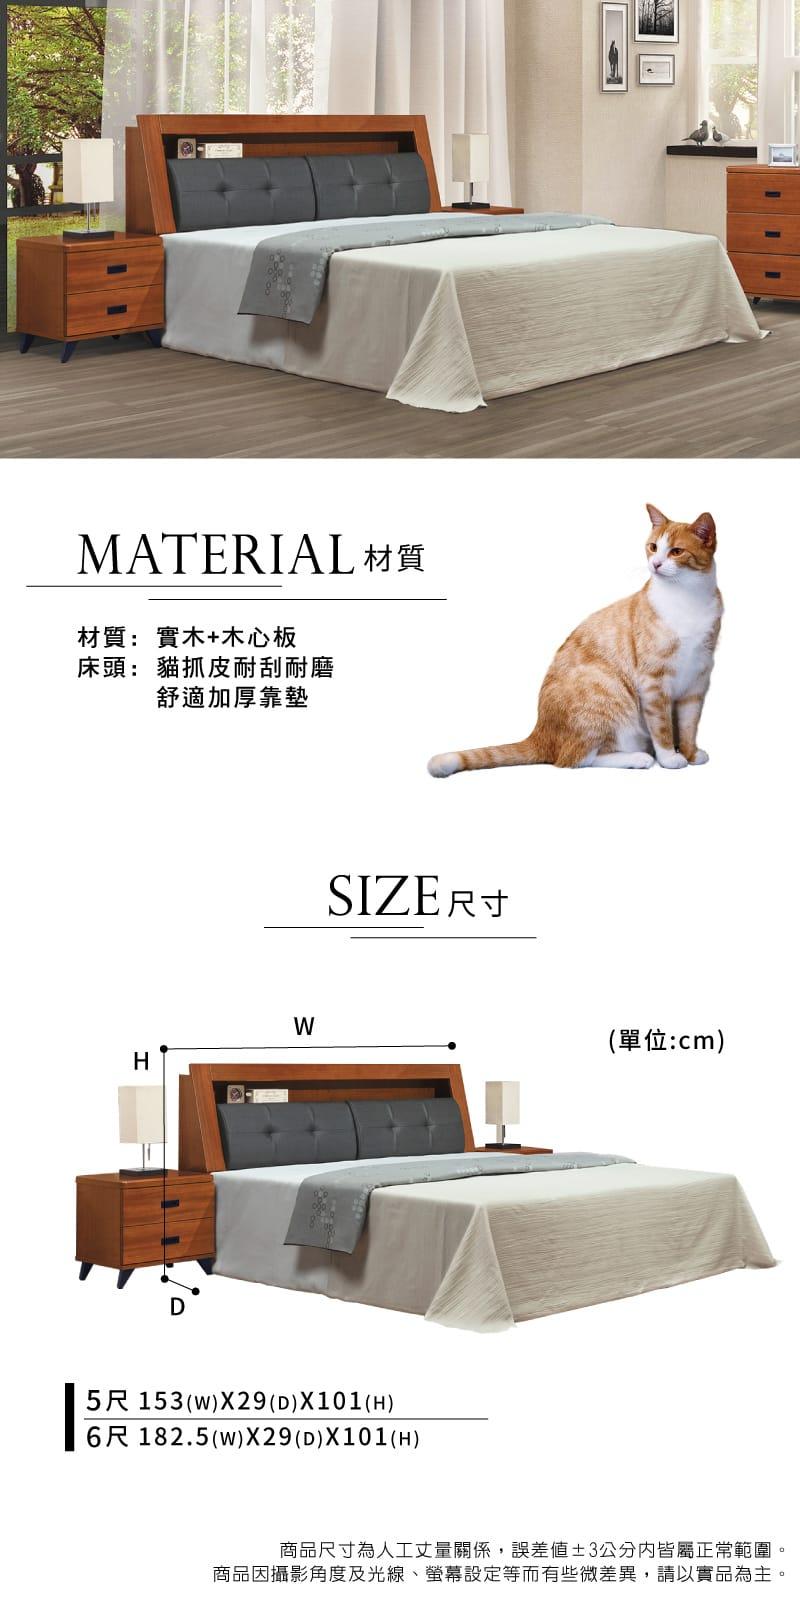 樟木貓抓皮收納床頭箱 雙人加大6尺